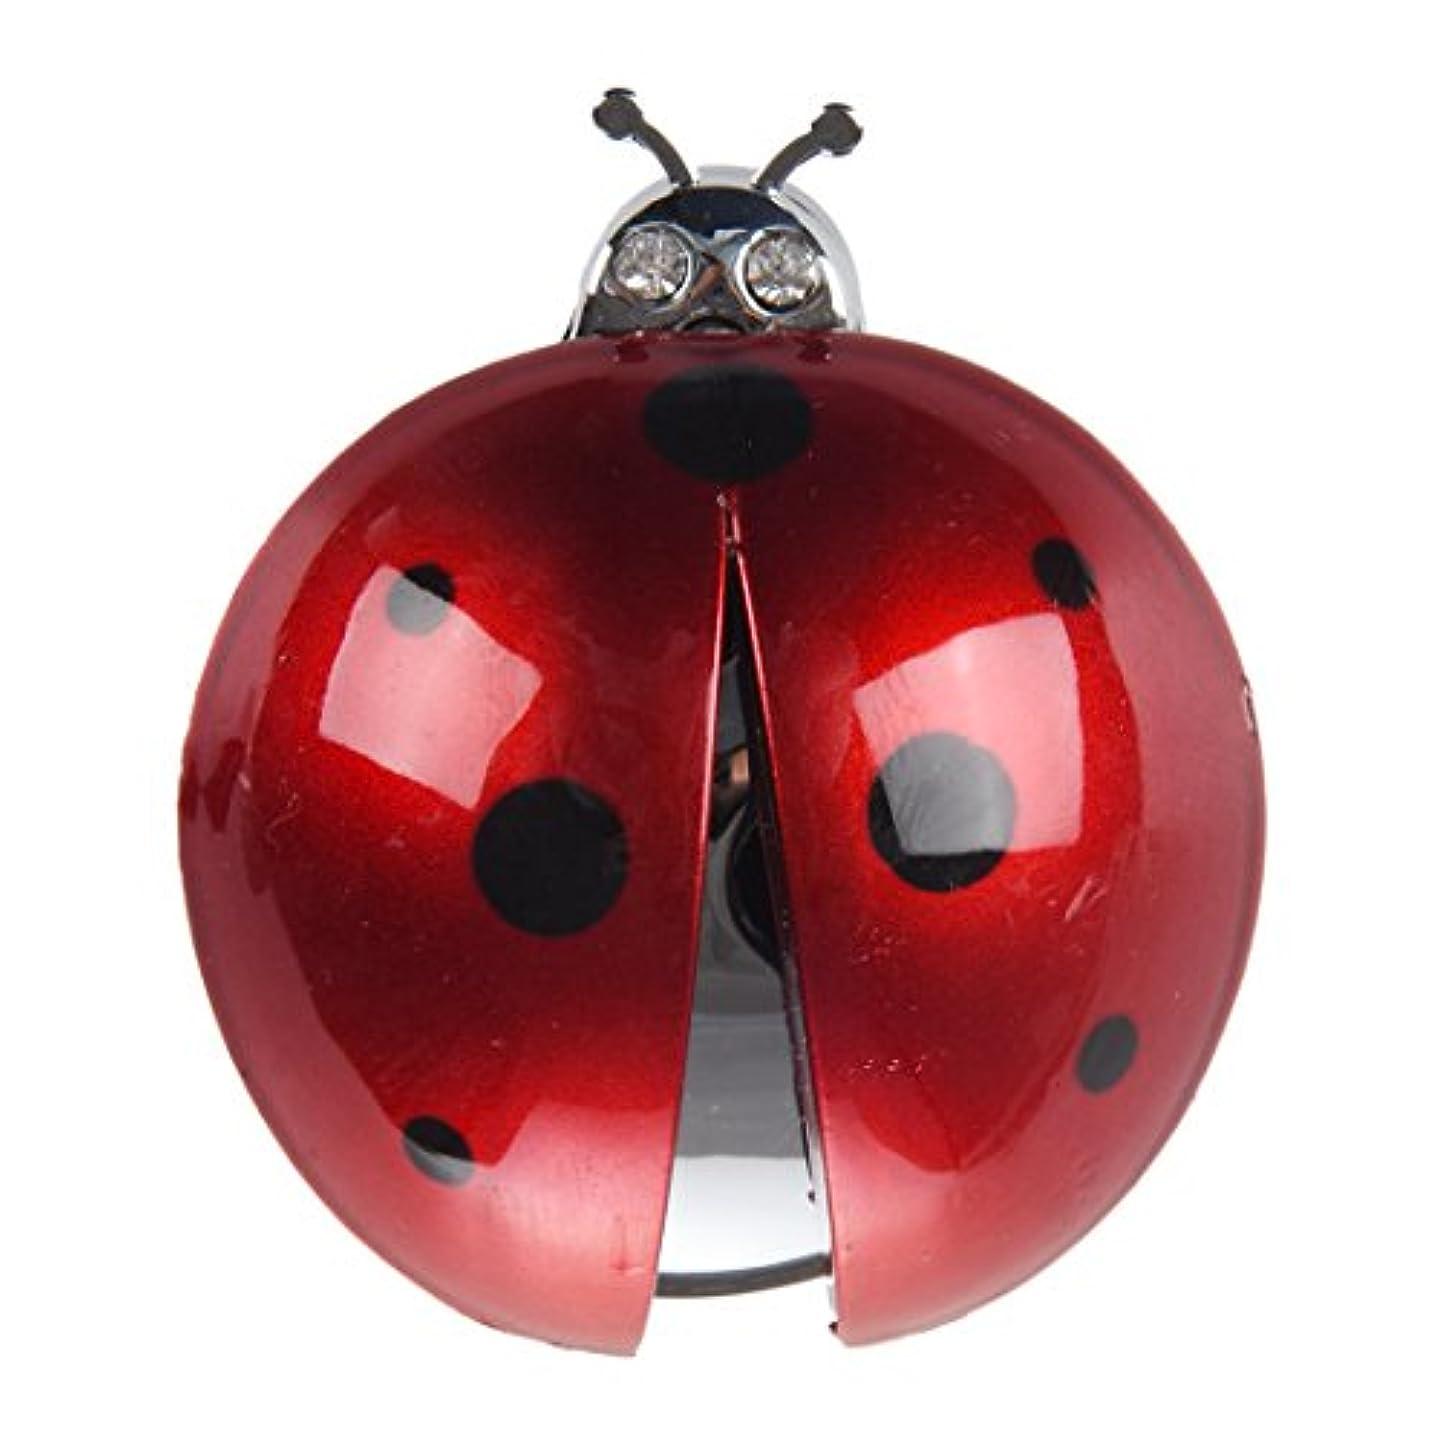 考える民間人完全にTYJP TYJP(R)車の空気ベント てんとう虫のデザイン フレグランス 清浄 芳香 ダークレッド